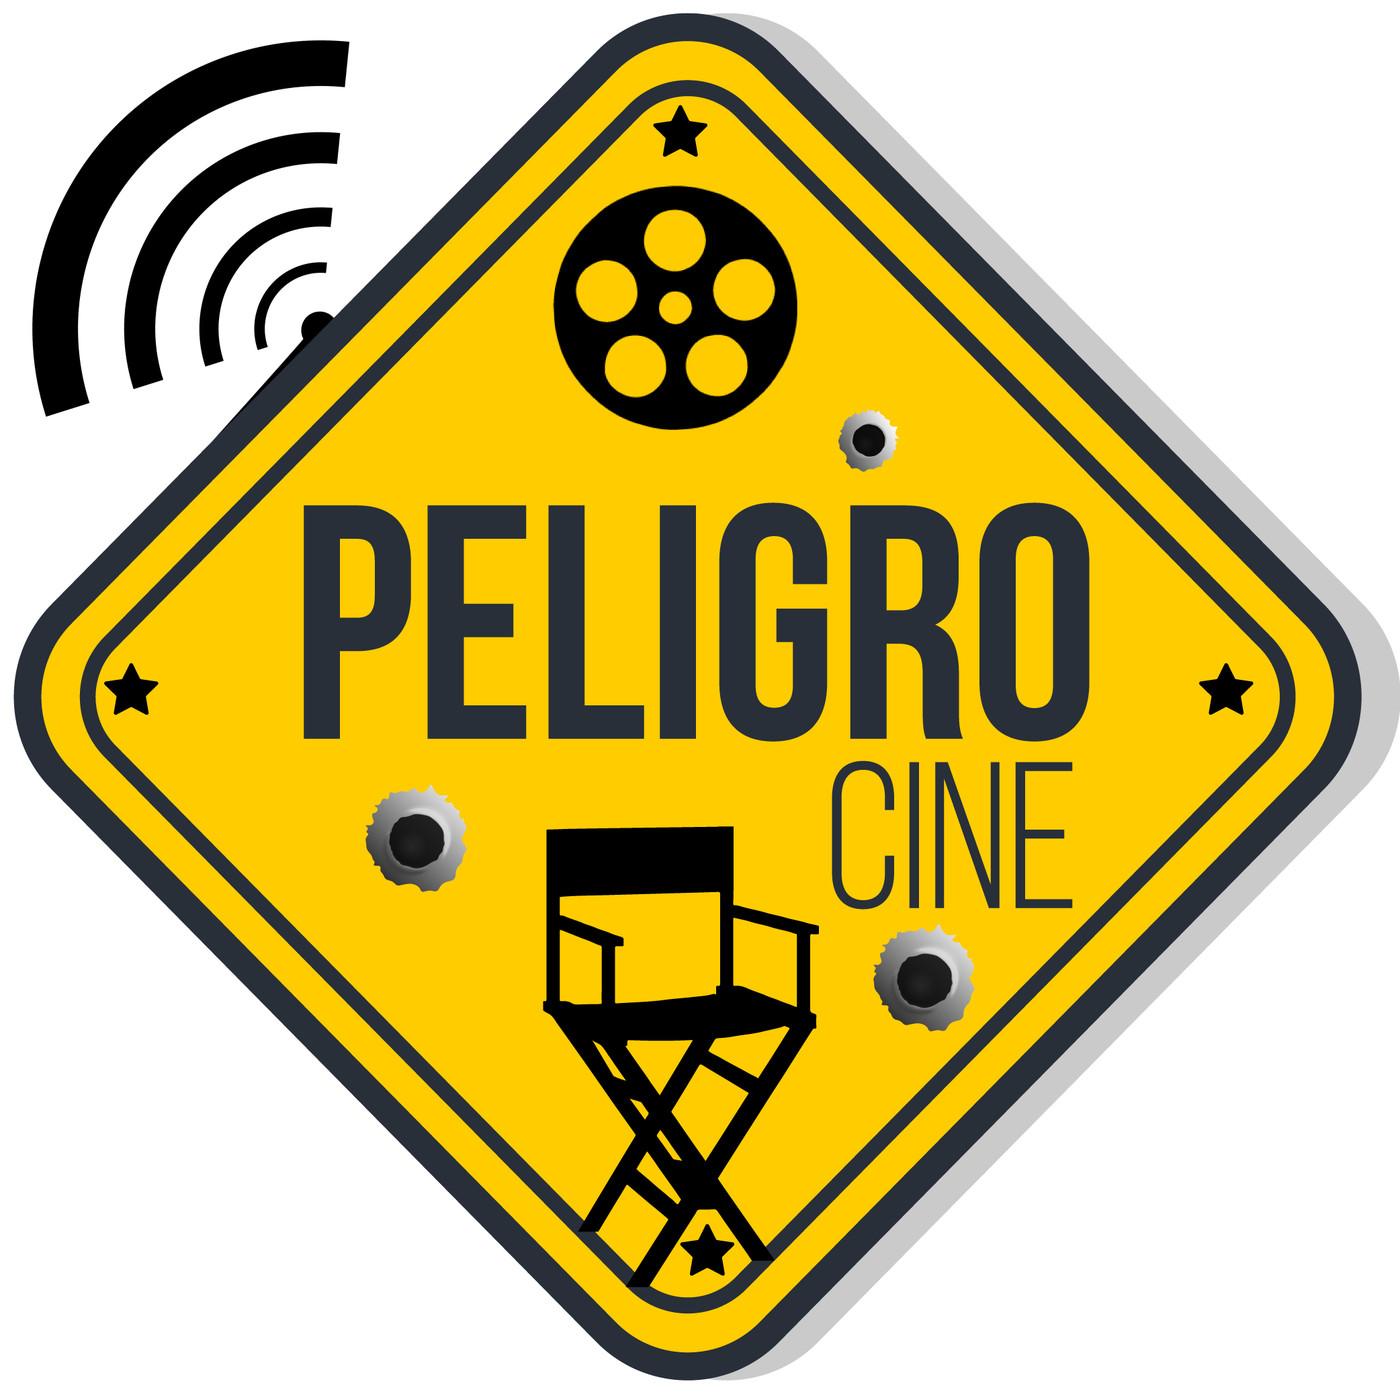 Peligro, Cine 2x05 - Sofia Coppola - Las Vírgenes suicidas - Tom Cruise - Community - Dan Harmon - Armando Manzanero